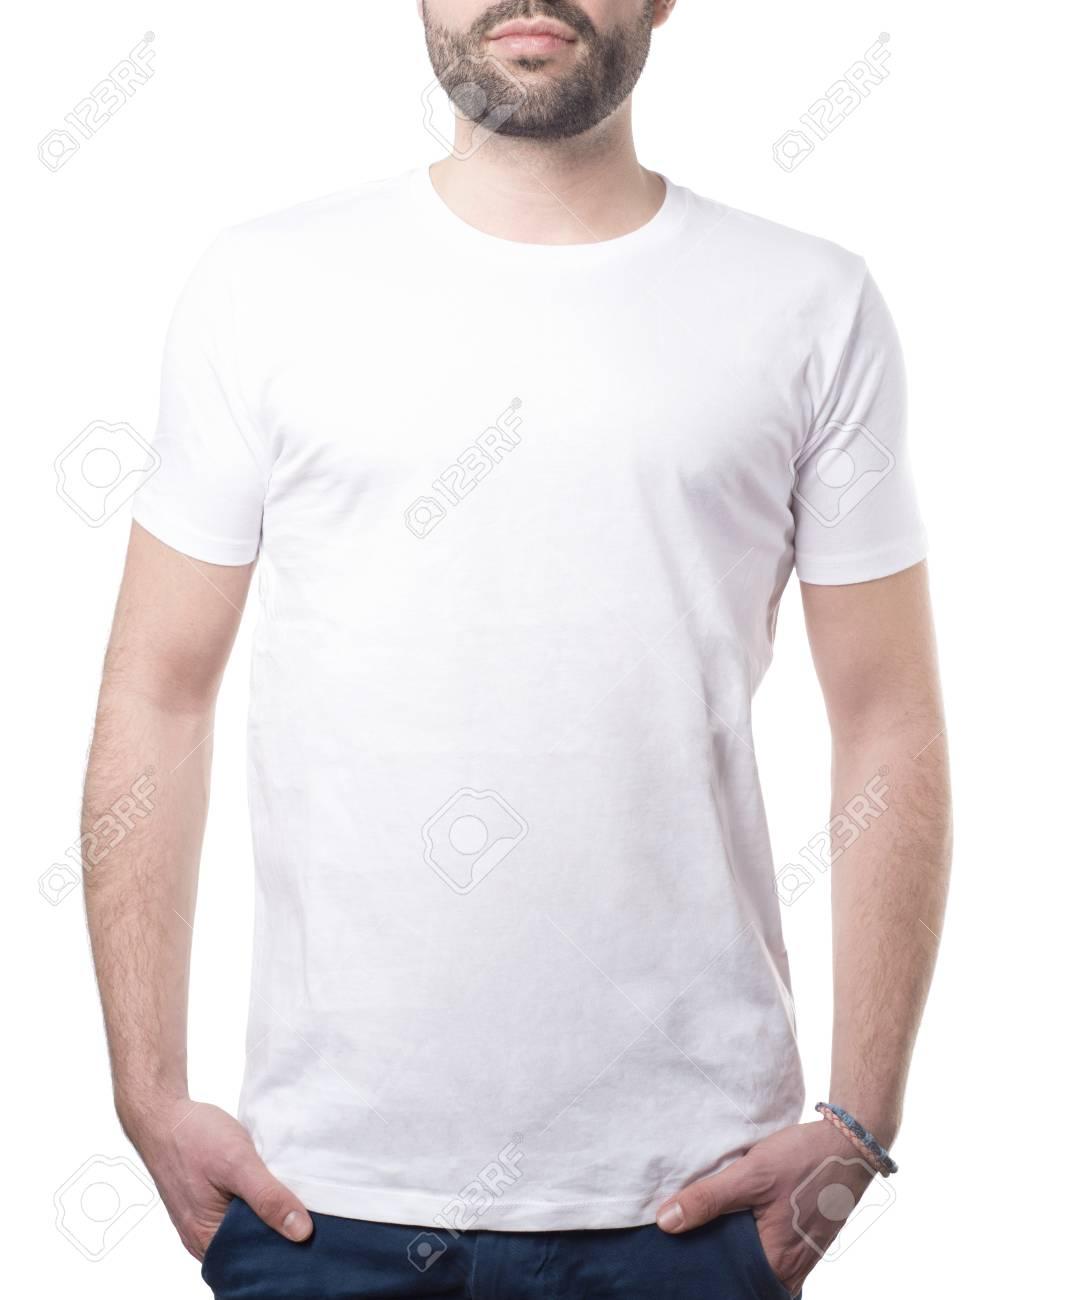 0350205cde Foto de archivo - Hombre con camisa blanca clásica aislado en blanco con  trazado de recorte para el fondo y de prendas de vestir